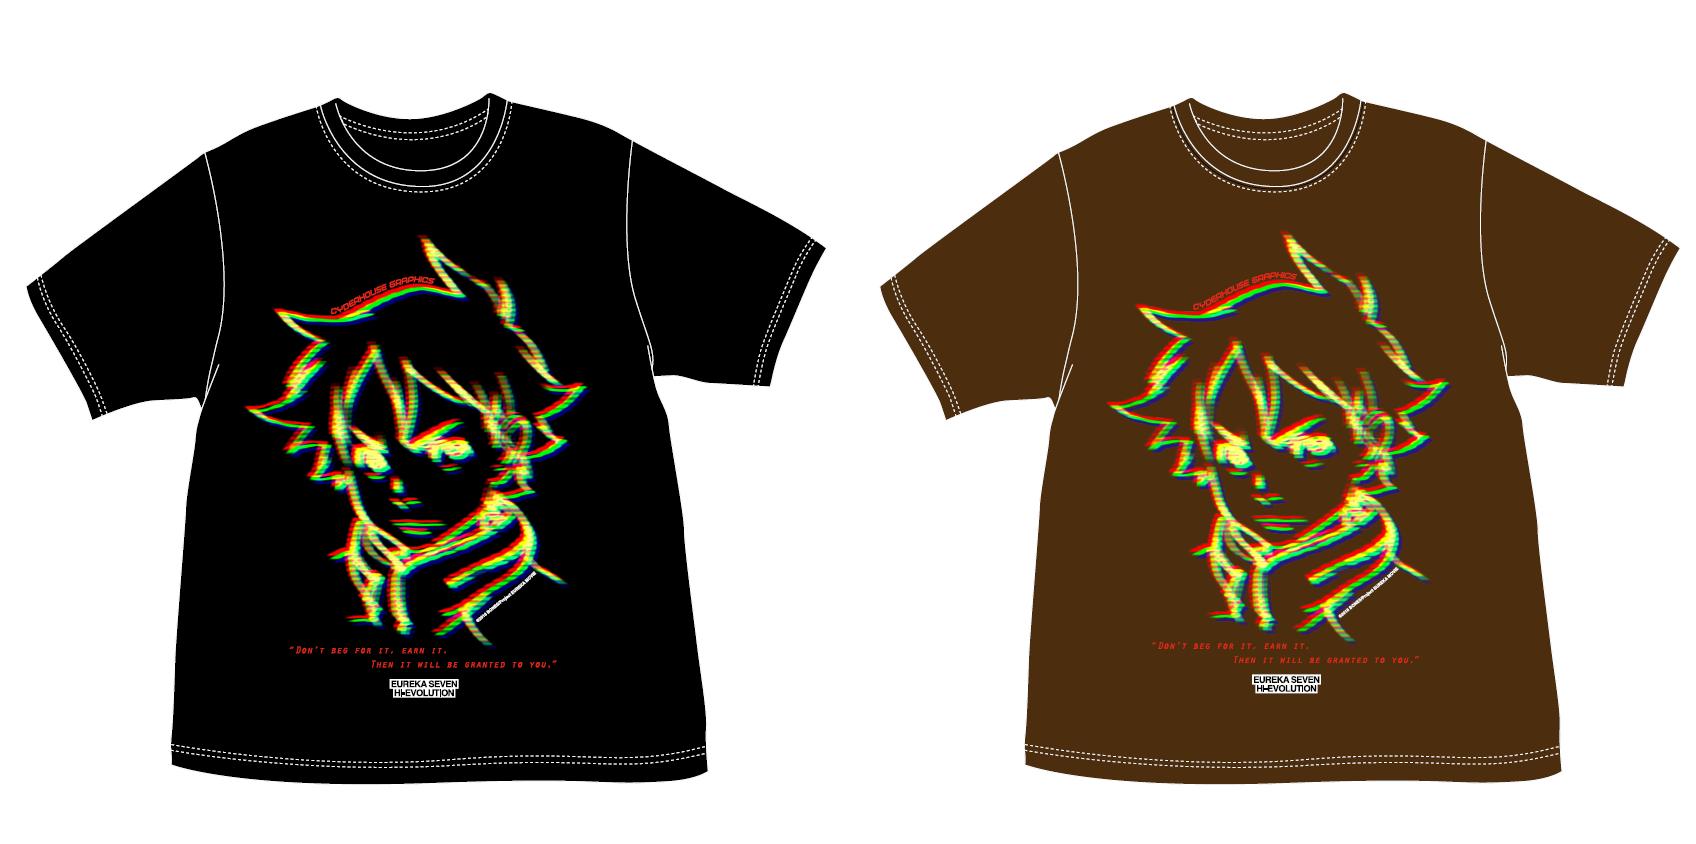 交響詩篇エウレカセブン ハイエボリューション×76Cafe  限定 CYDERHOUSEデザインTシャツ